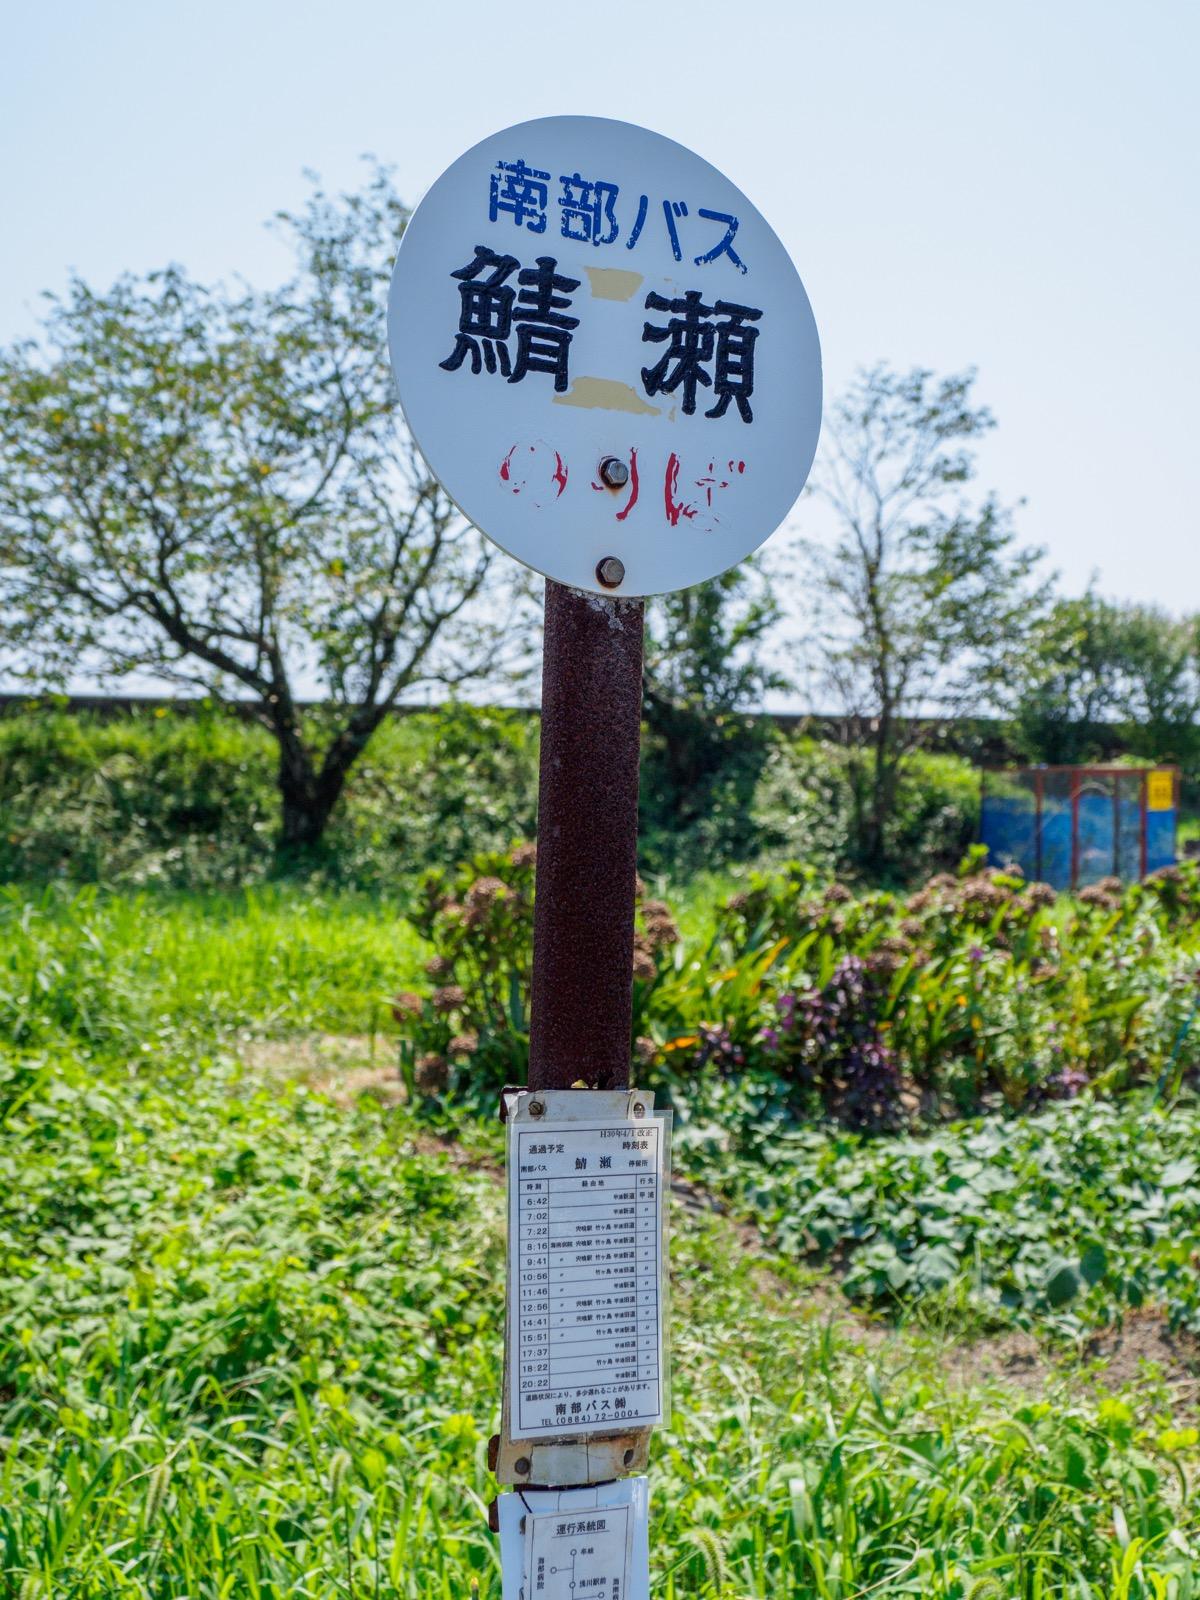 鯖瀬駅前にある鯖瀬バス停(徳島バス南部)